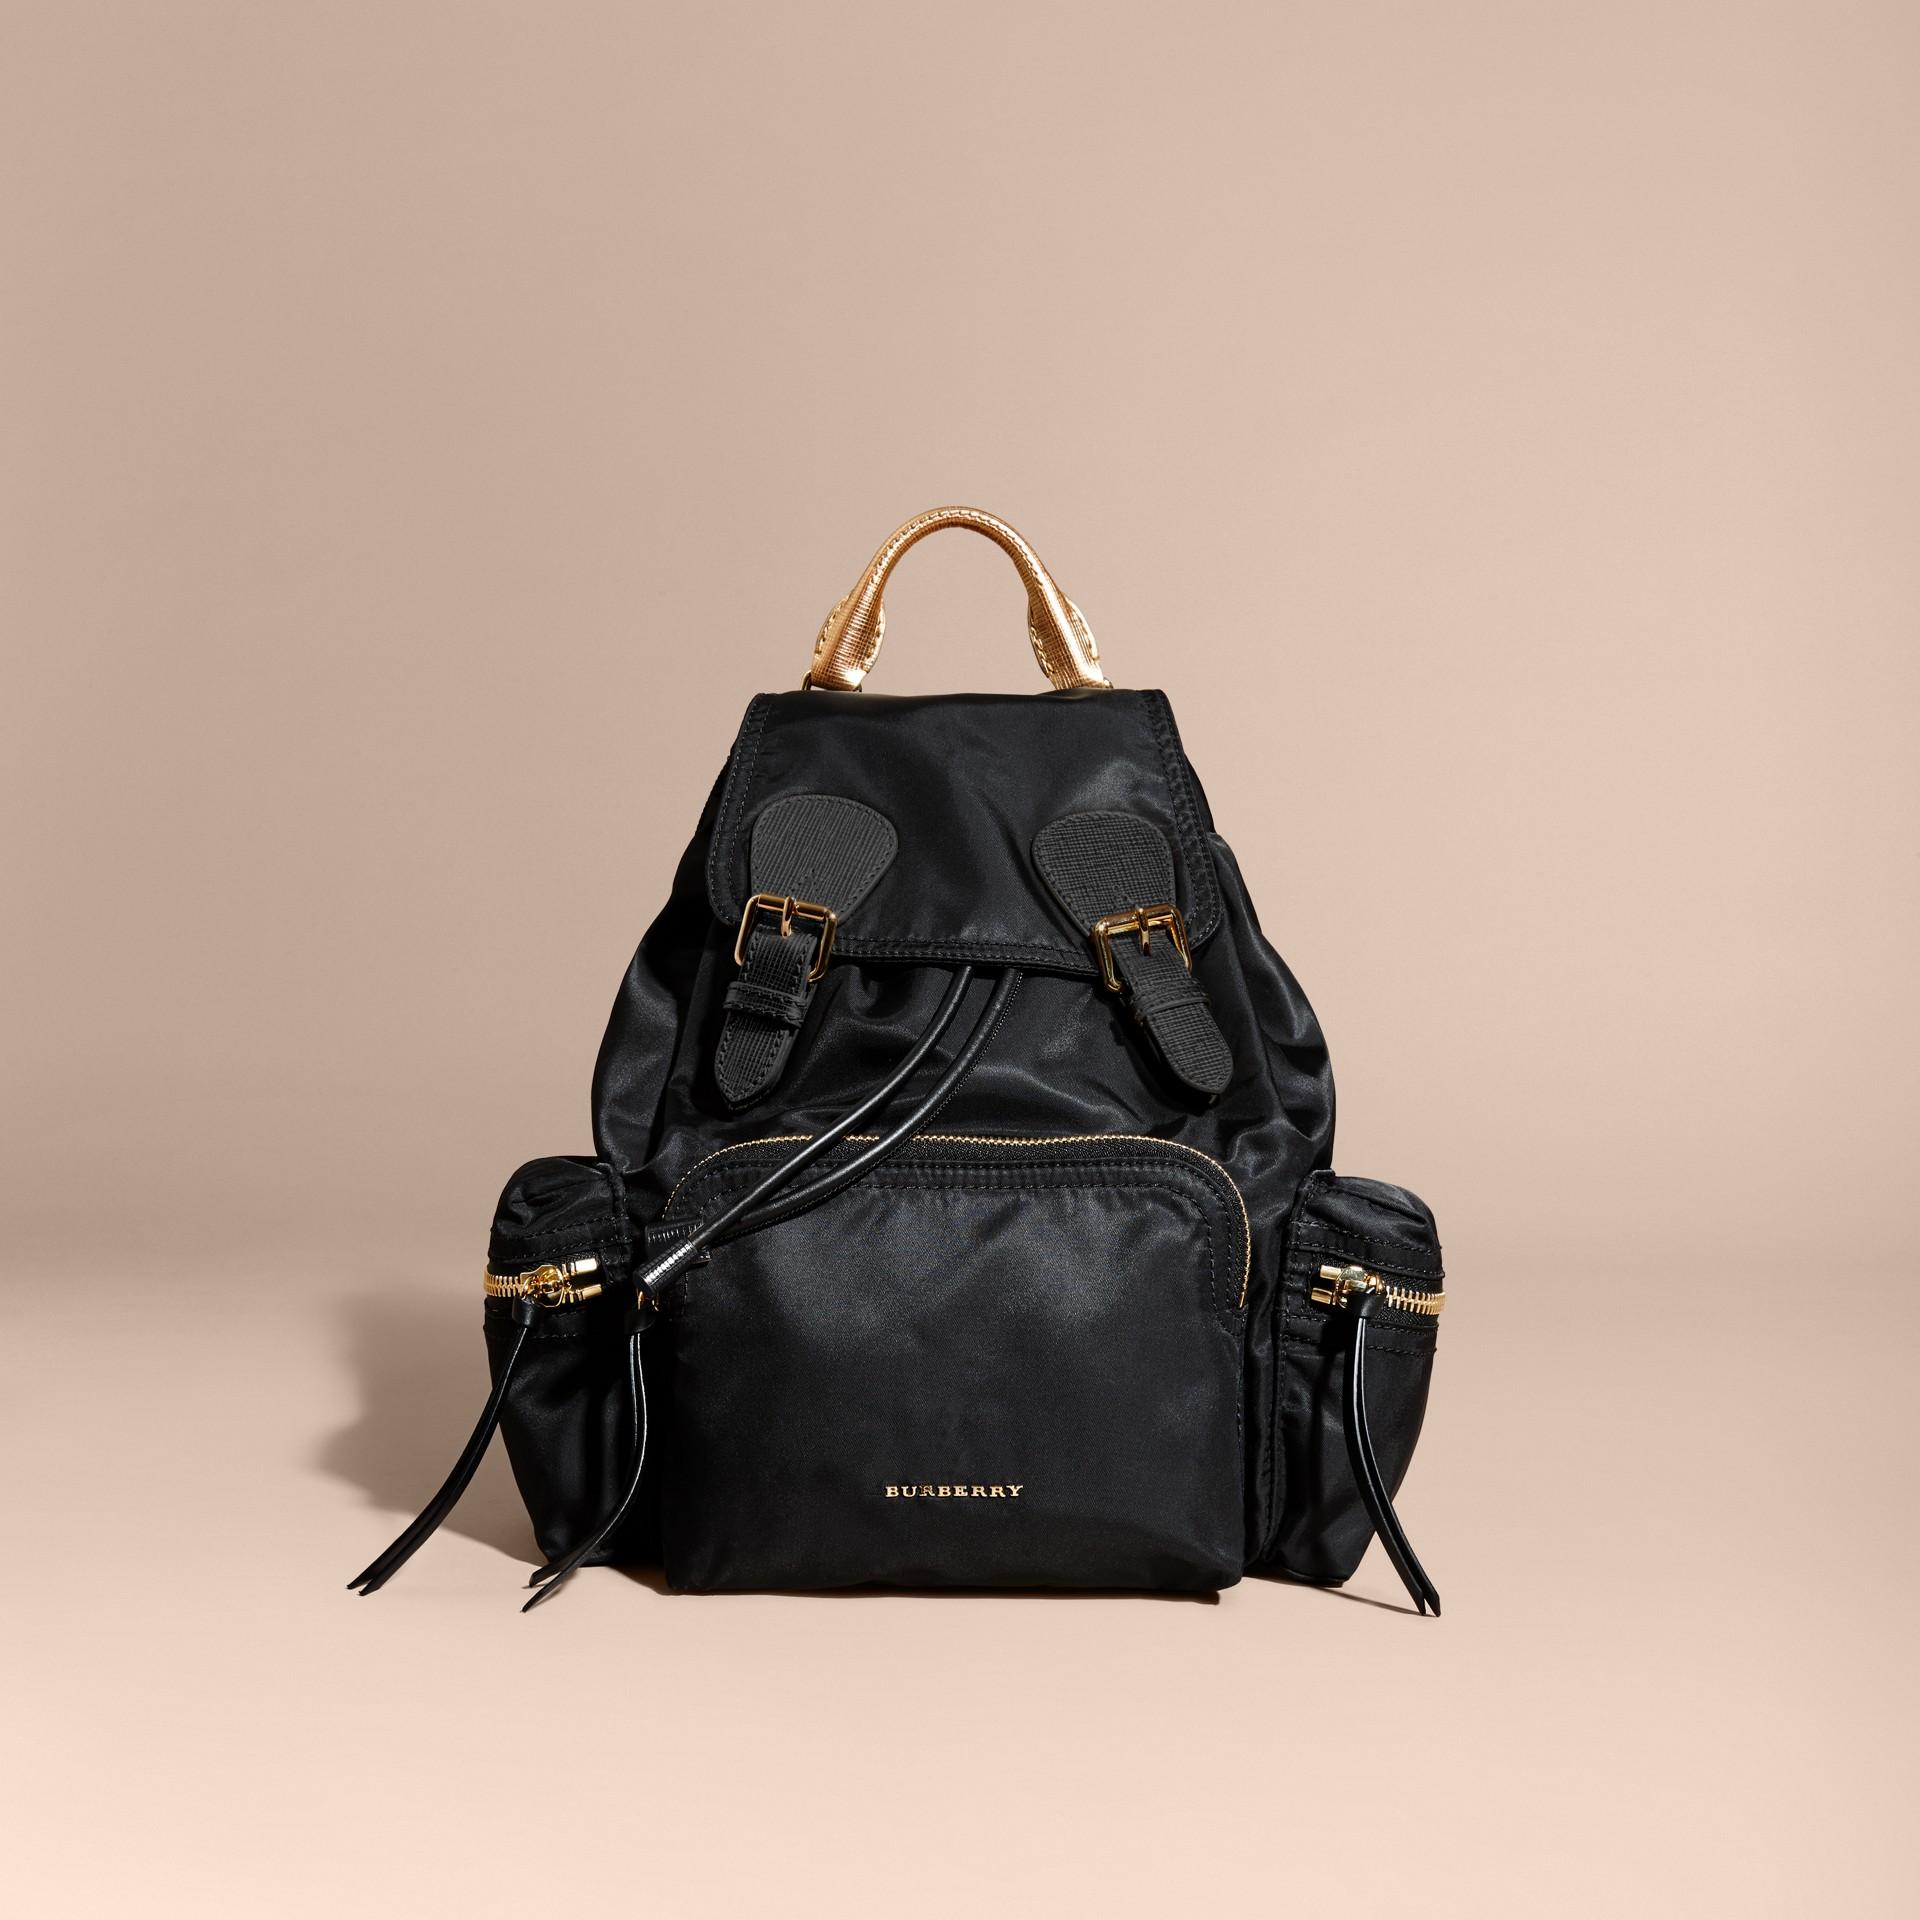 Nero/oro Zaino The Rucksack medio in nylon bicolore e pelle Nero/oro - immagine della galleria 8